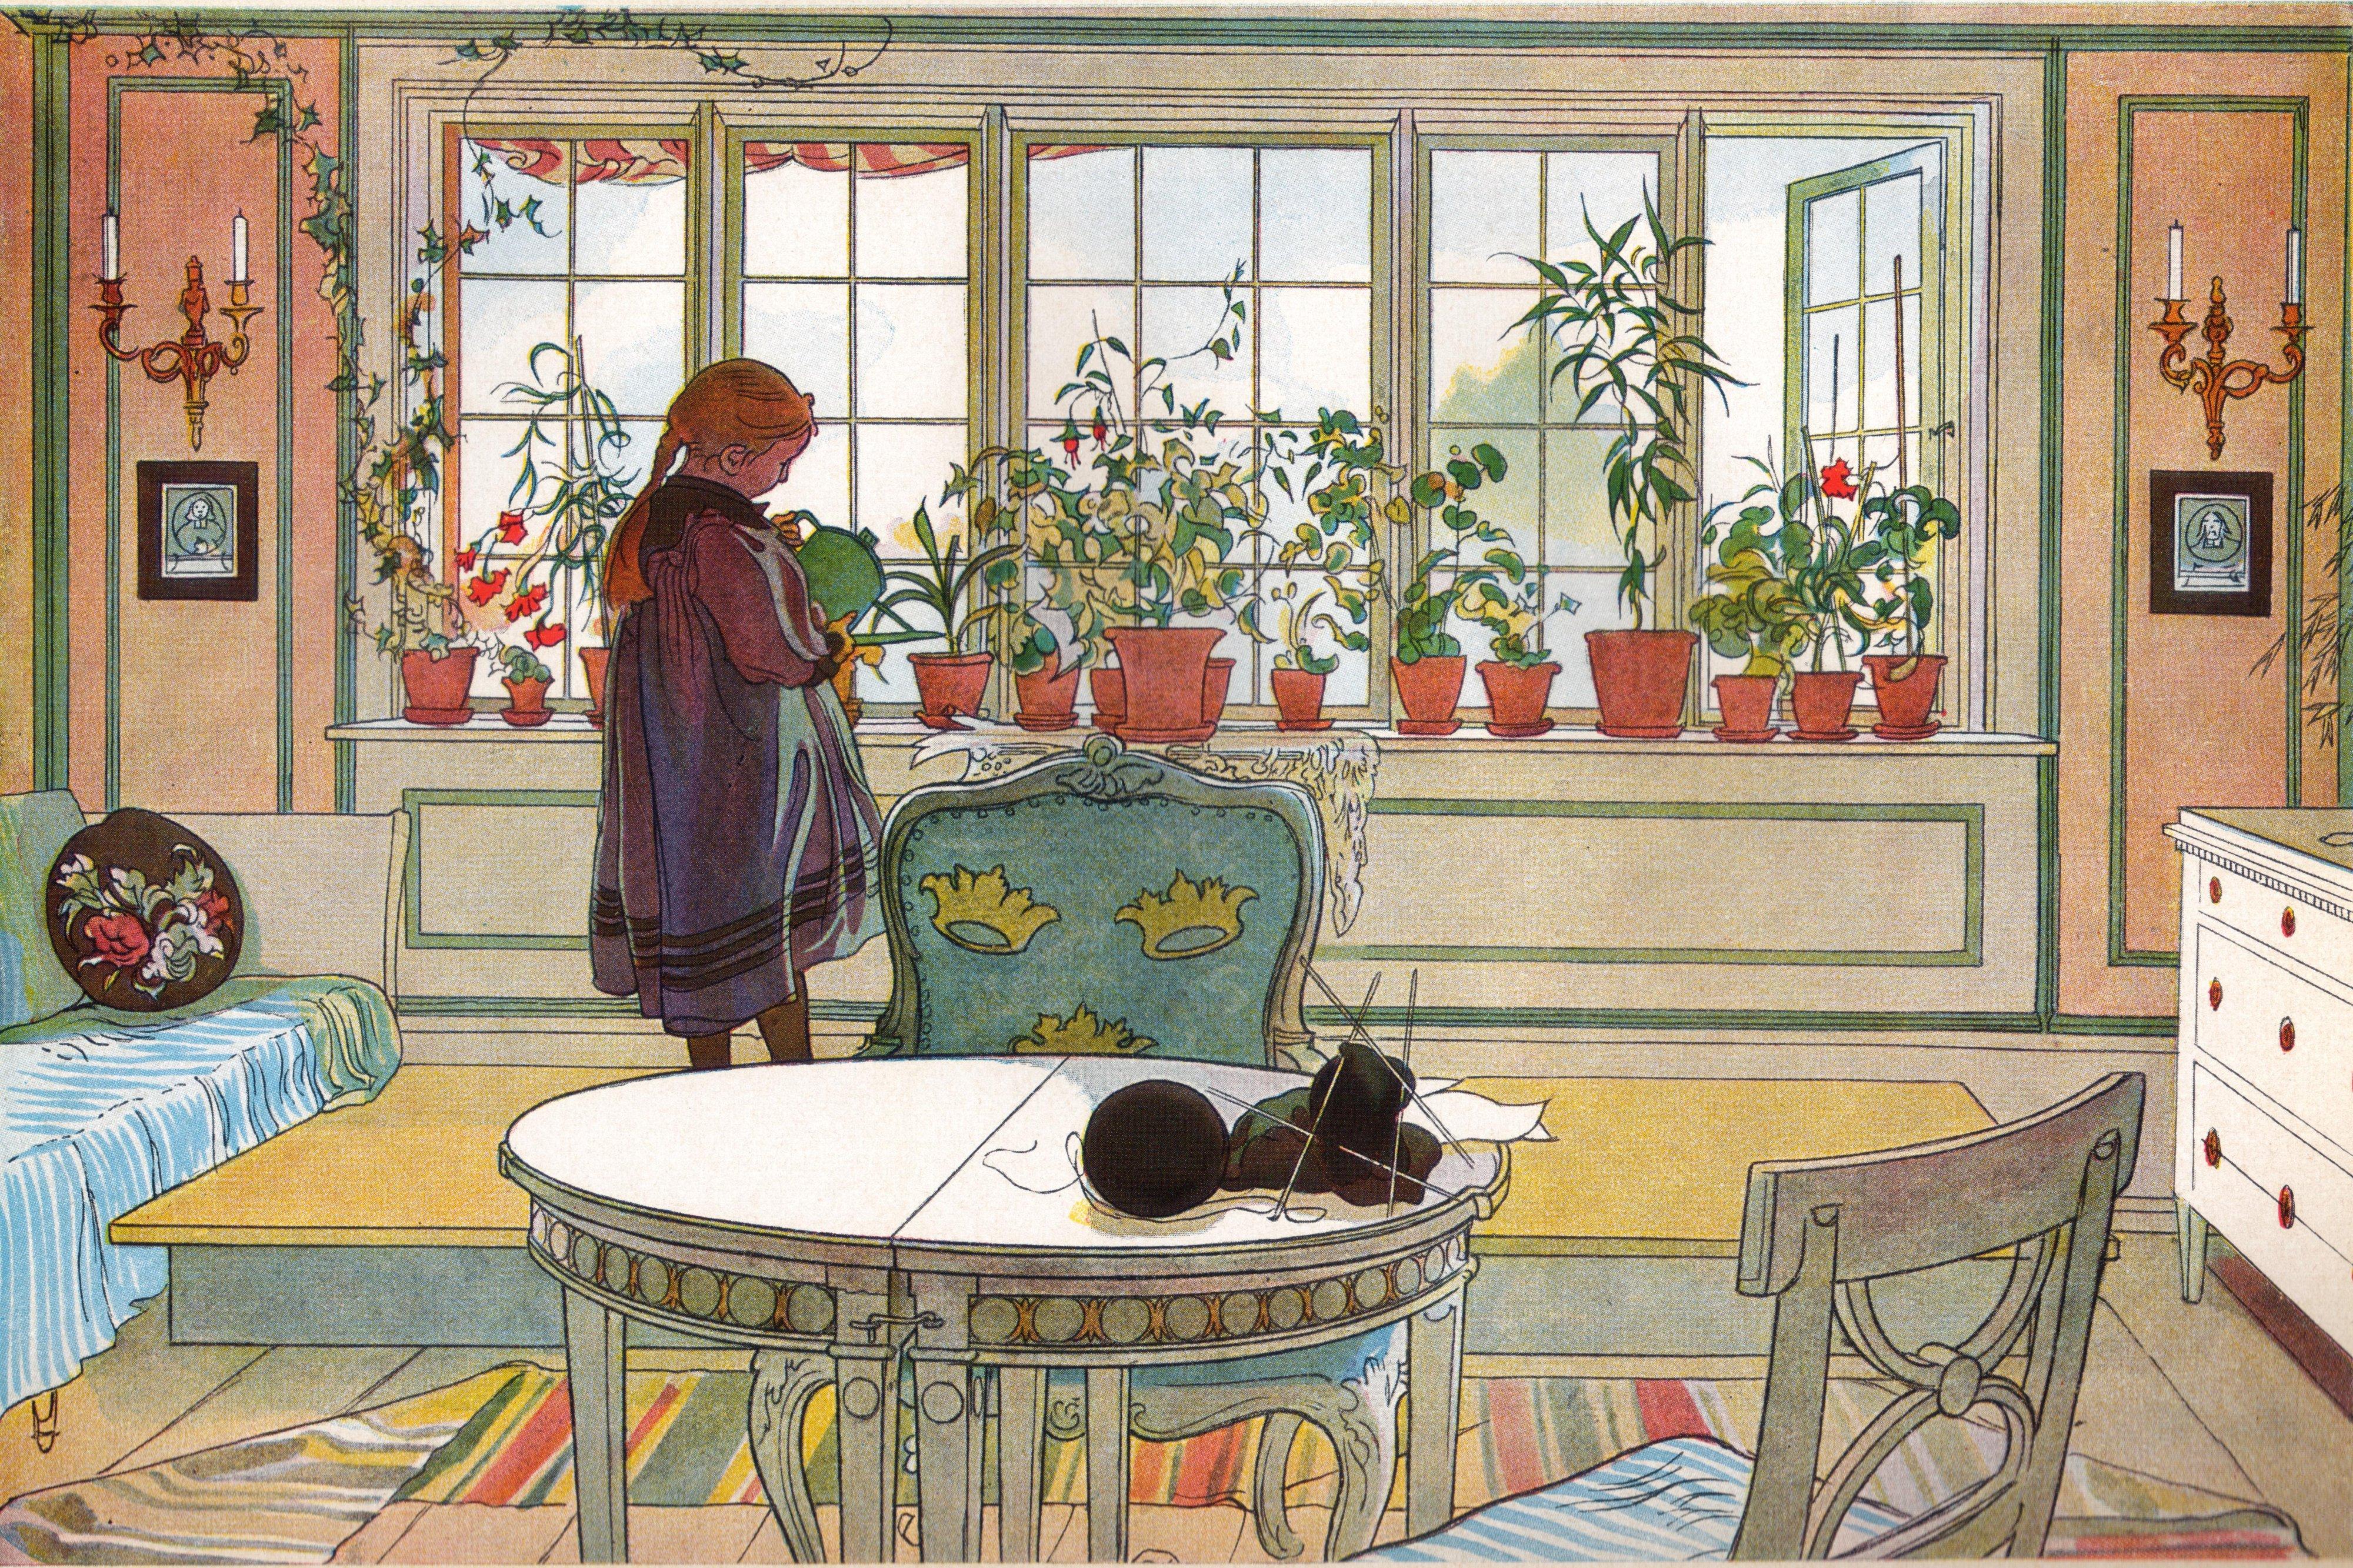 blomsterfo%cc%88nstret_av_carl_larsson_1894